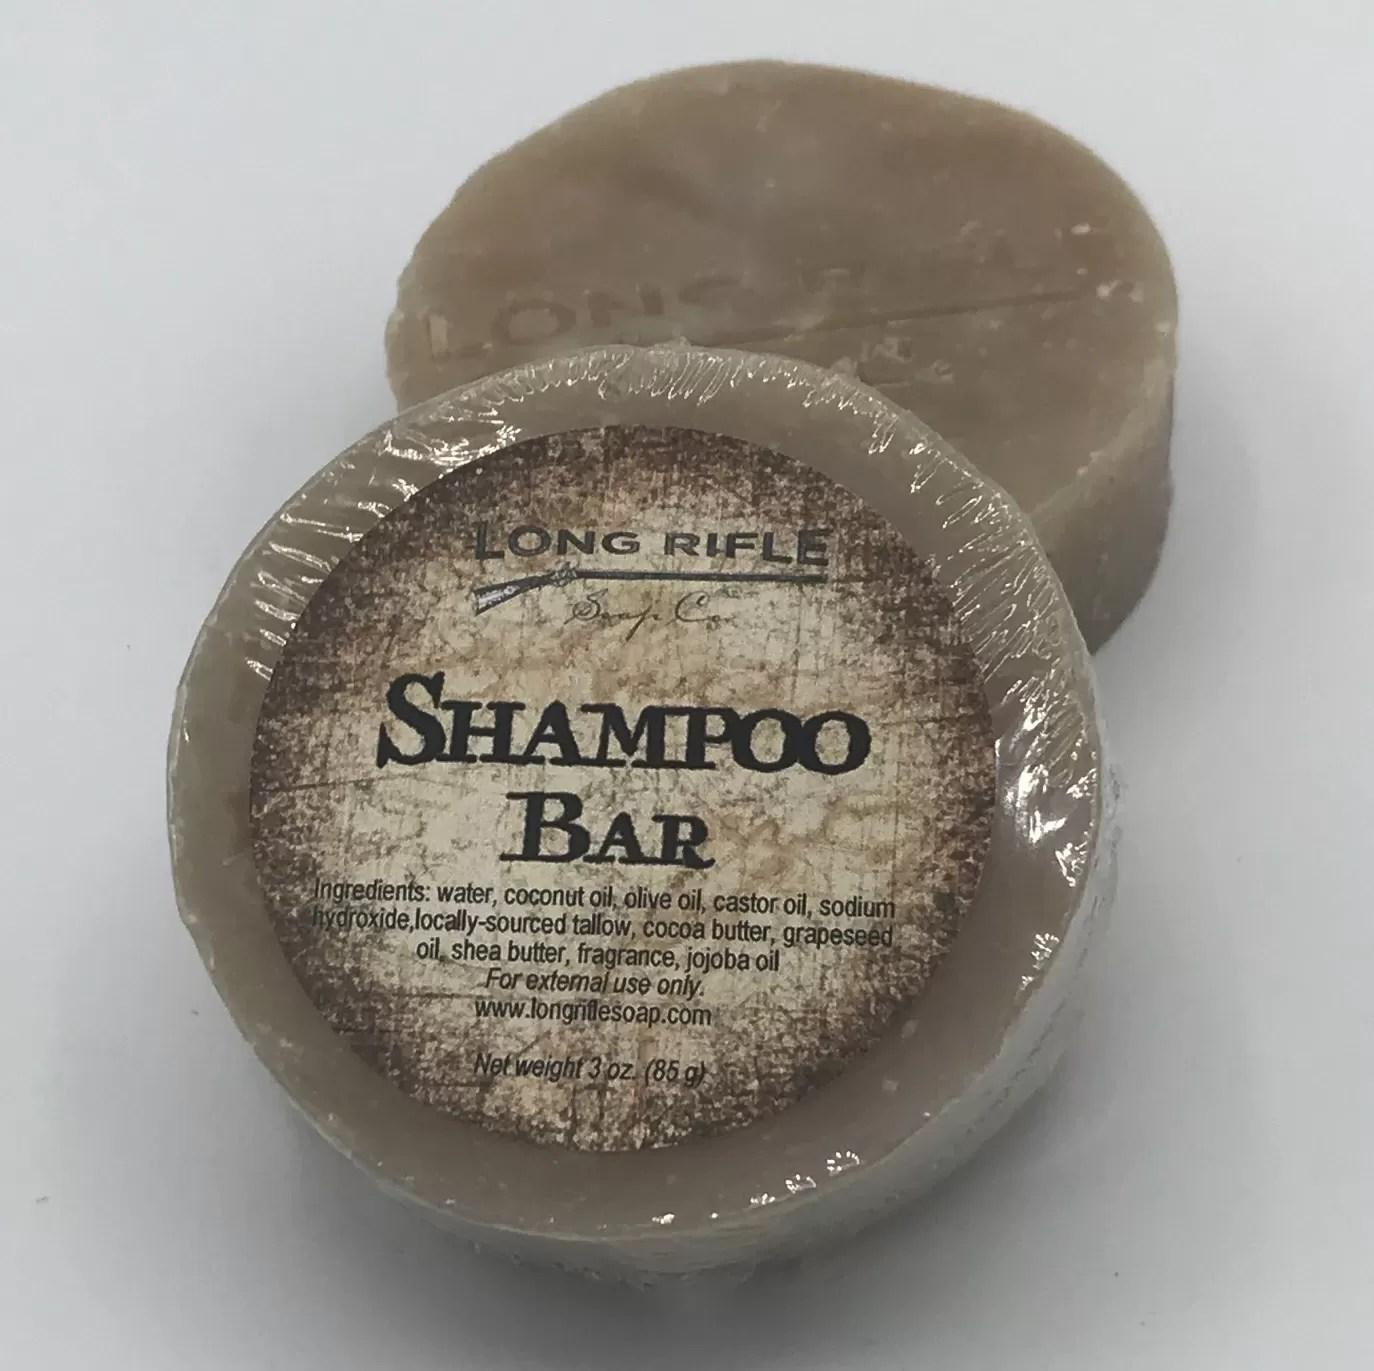 Long Rifle Shampoo Bar